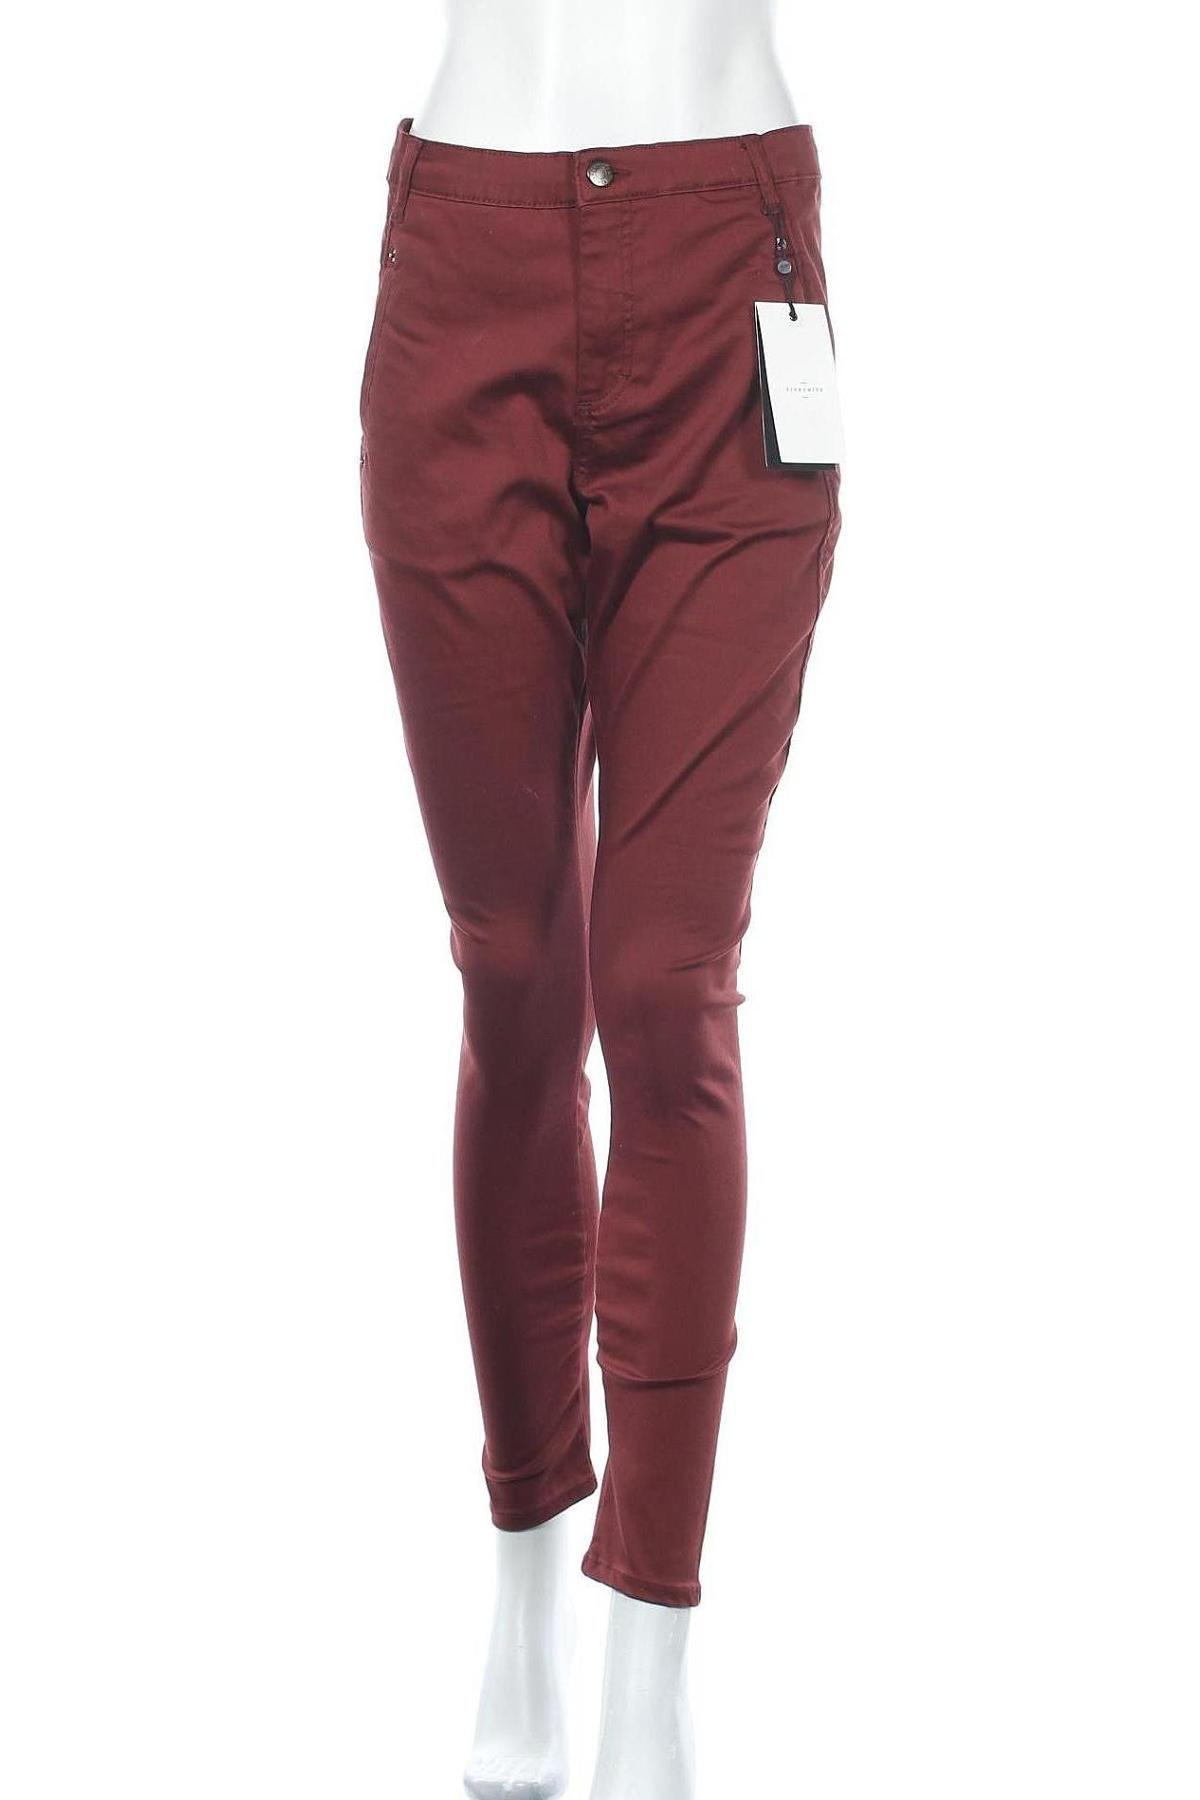 Дамски панталон Five Units, Размер M, Цвят Червен, 65% памук, 32% полиестер, 3% еластан, Цена 18,52лв.